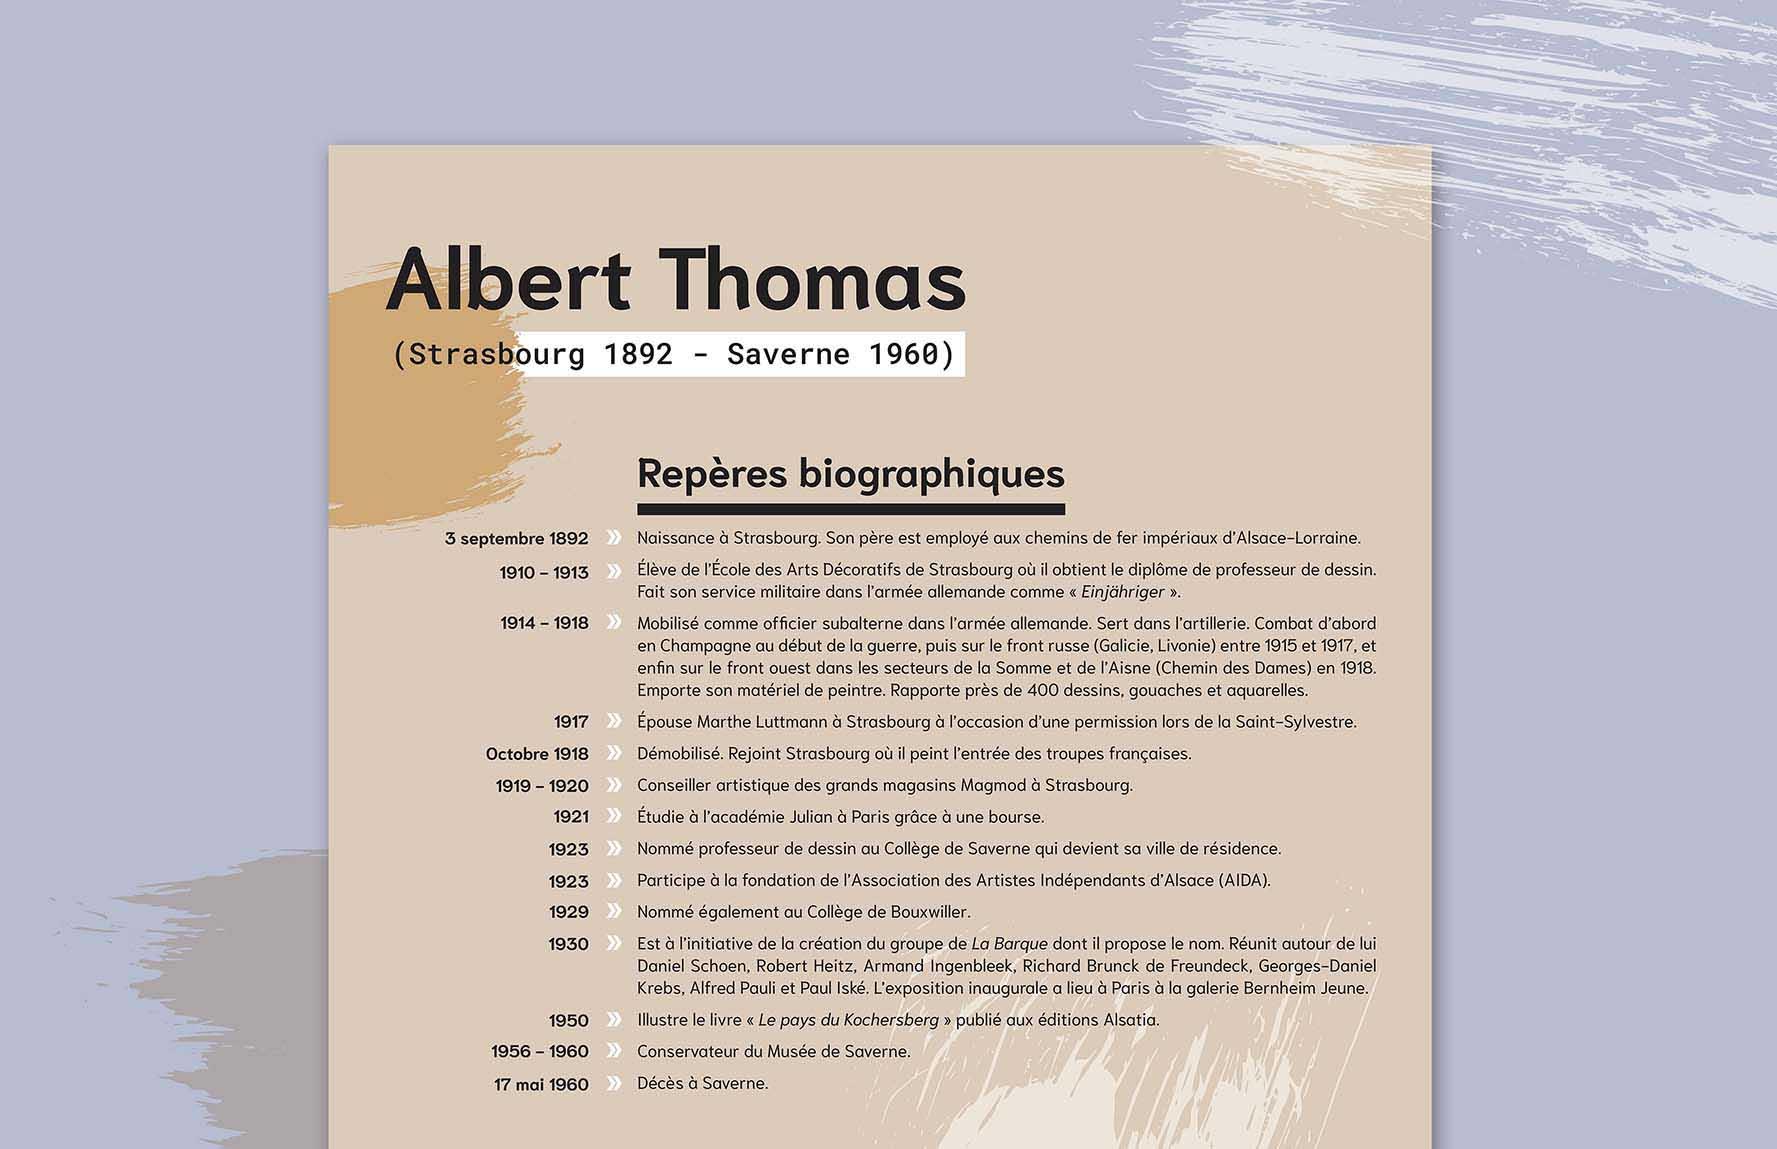 Panneau graphique de l'exposition consacrée au peintre Albert Thomas